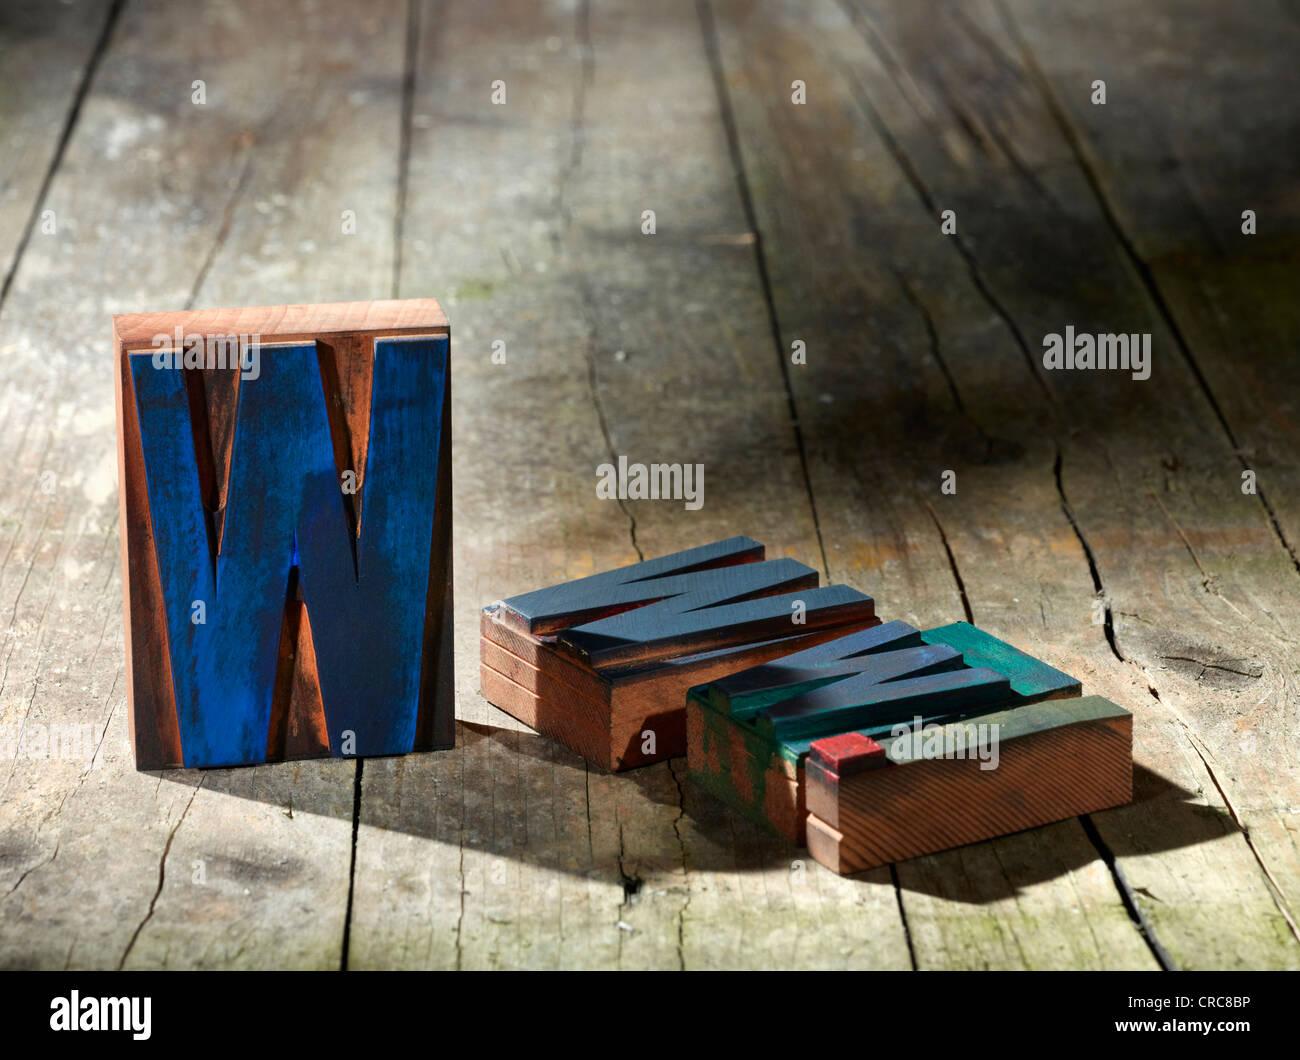 Wooden blocks spelling www. - Stock Image